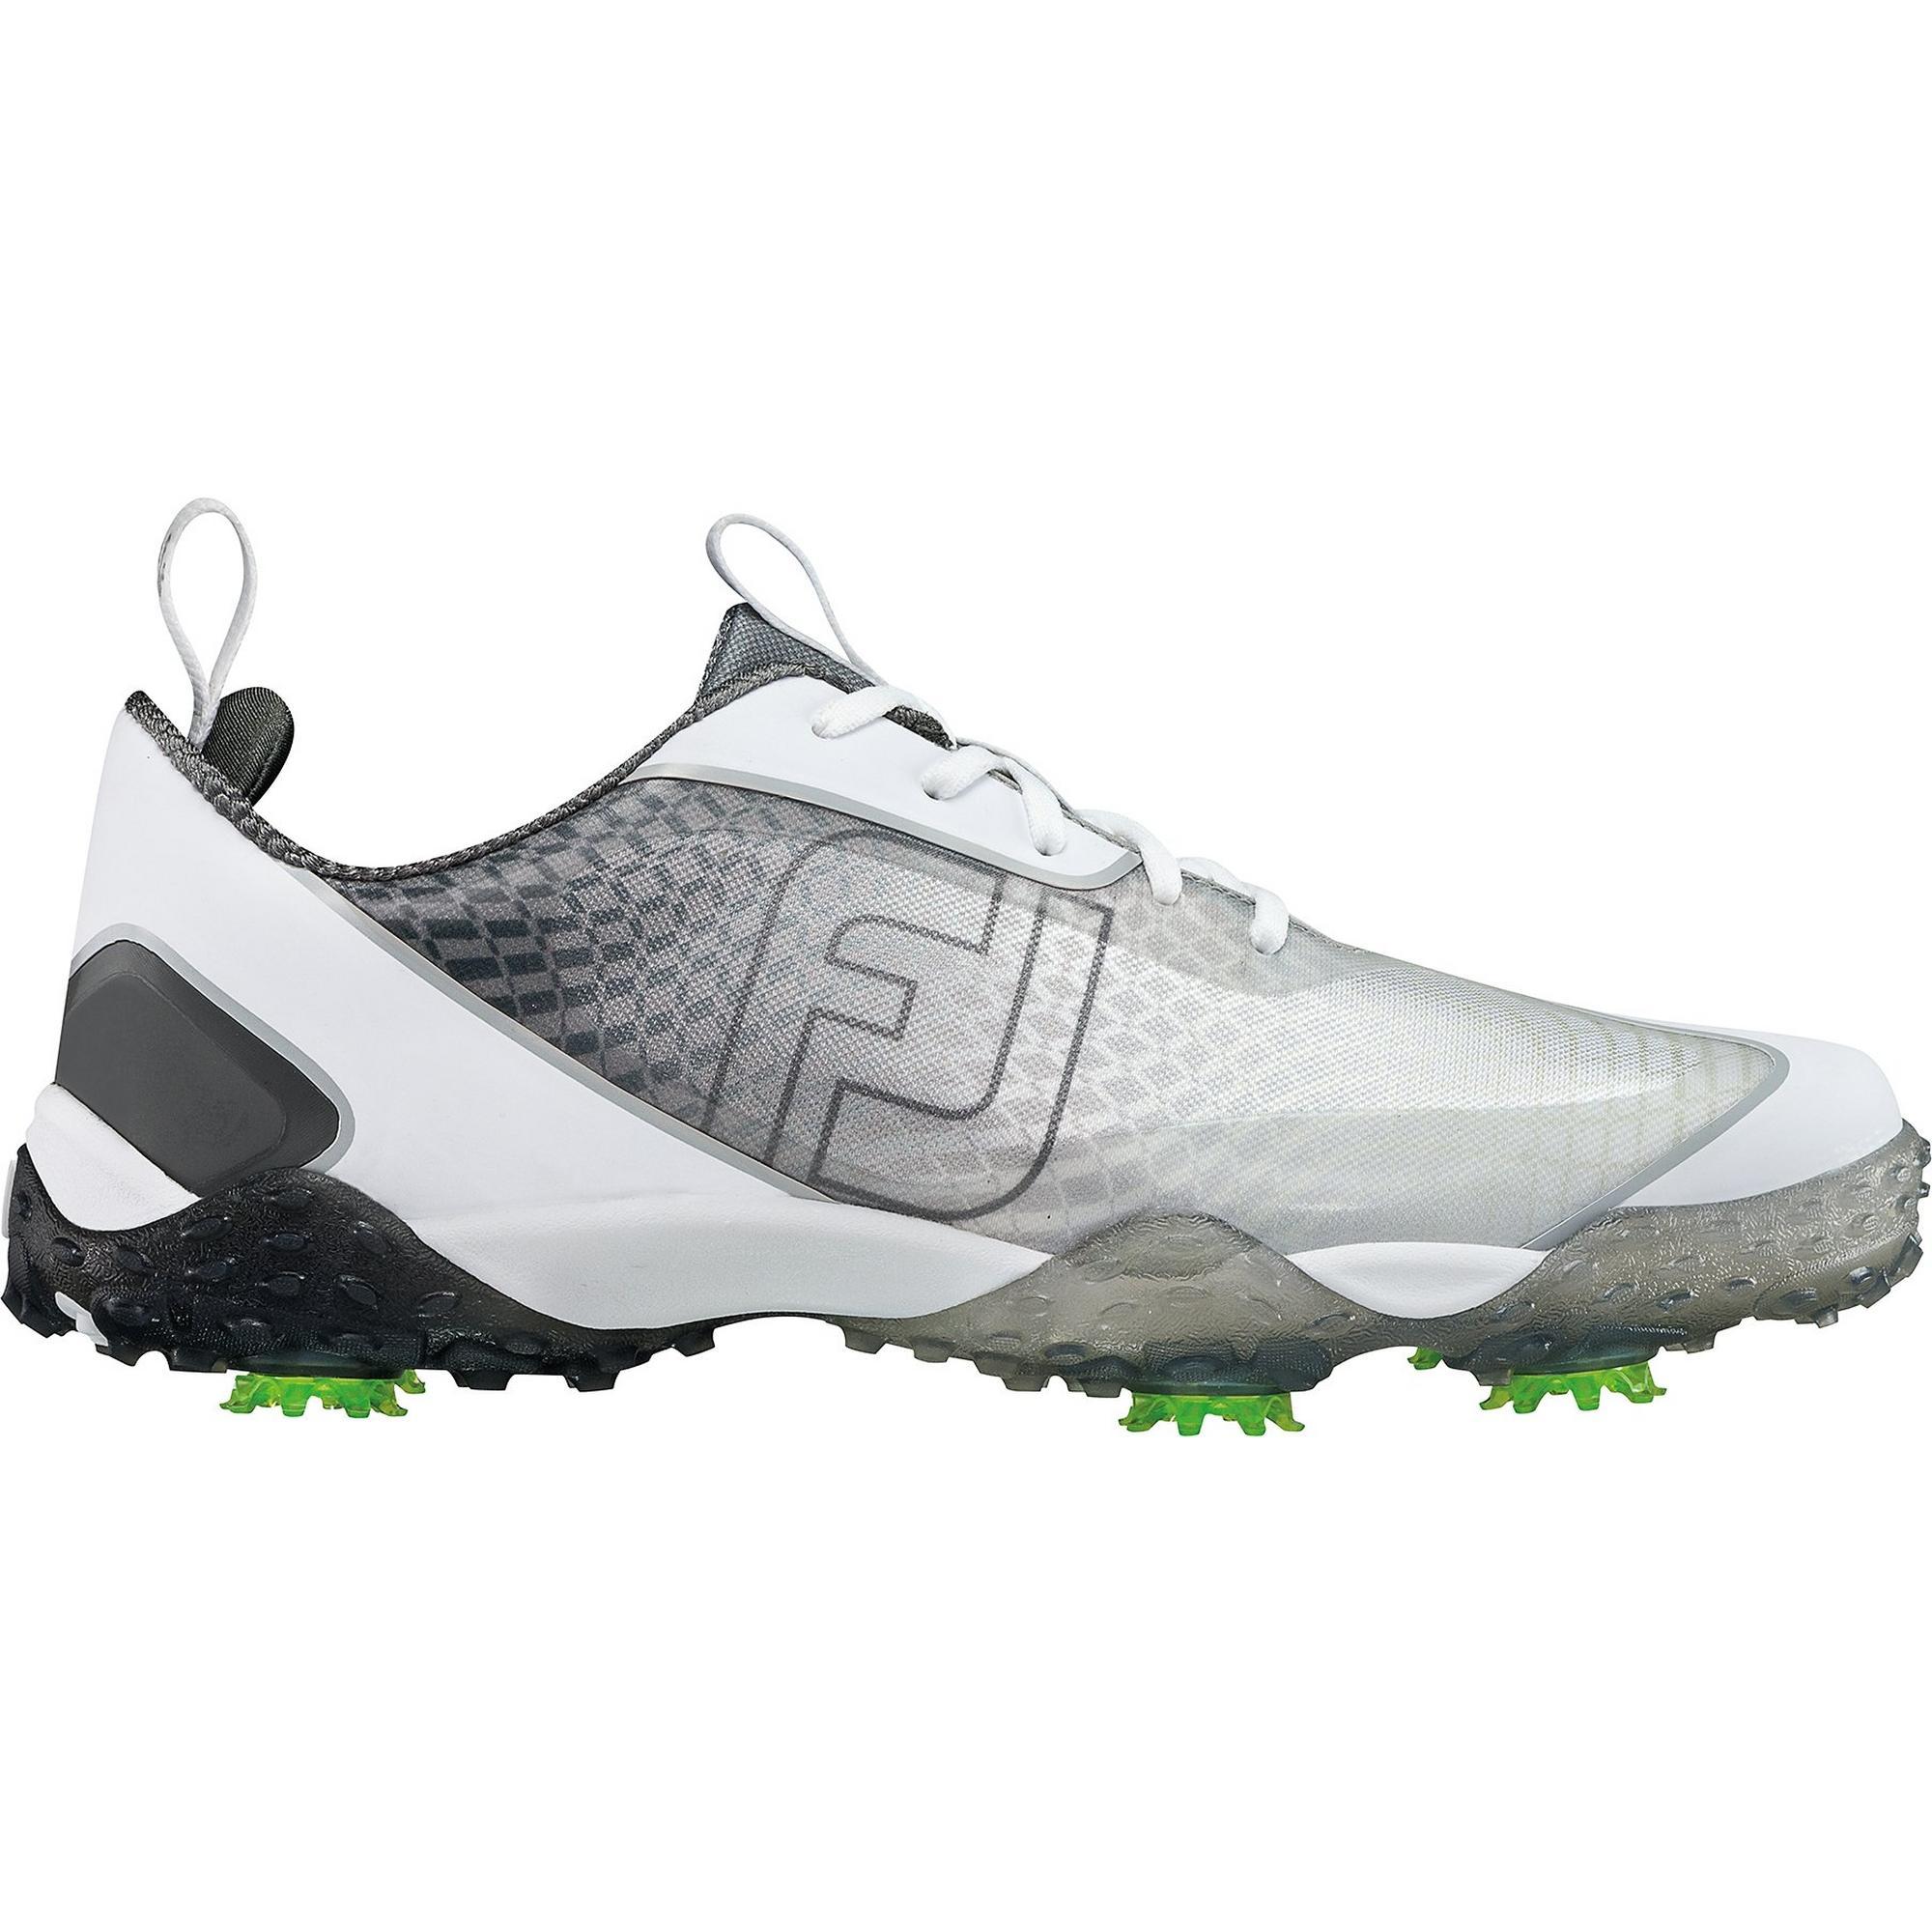 Men's Freestyle 2.0 Spiked Golf Shoe - Dark Grey/White (Medium Width)